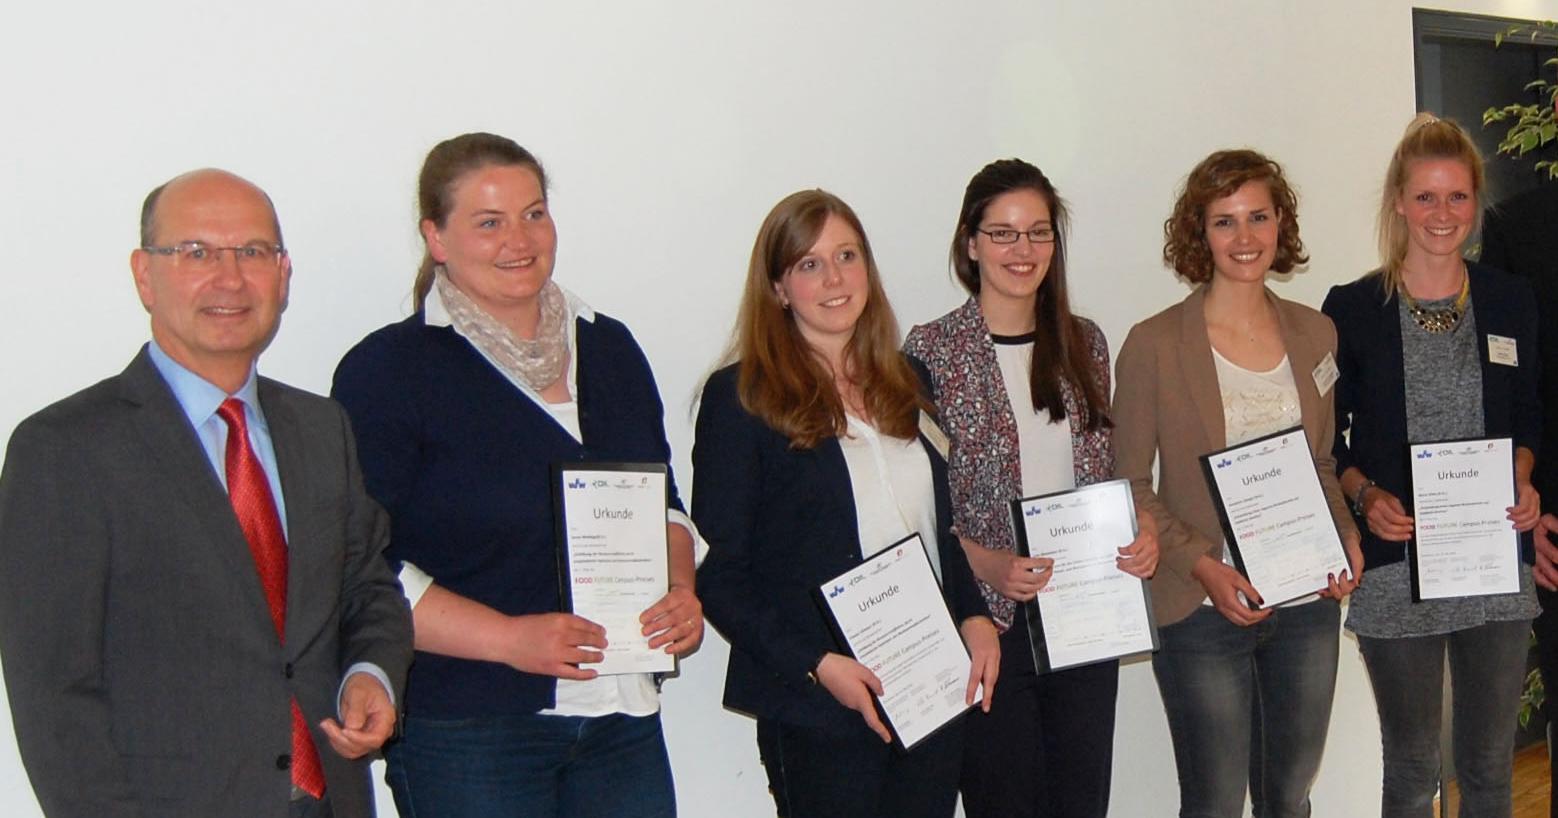 Die FH-Studentinnen Maria Kilian und Evamarie Stengel haben an der Hochschule Osnabrück eine Auszeichnung entgegengenommen.